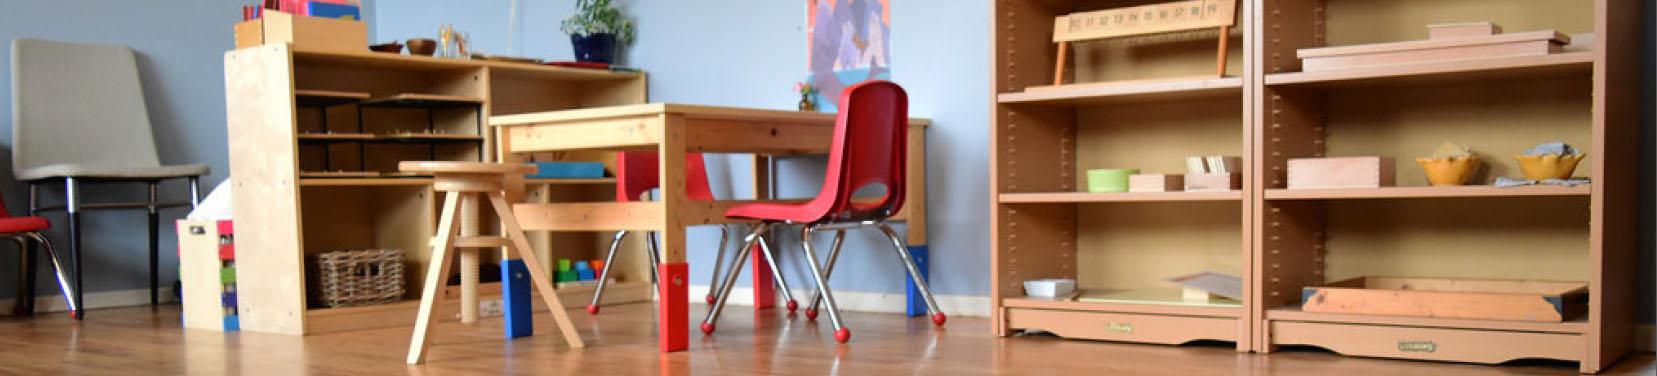 pedagogie maria montessori